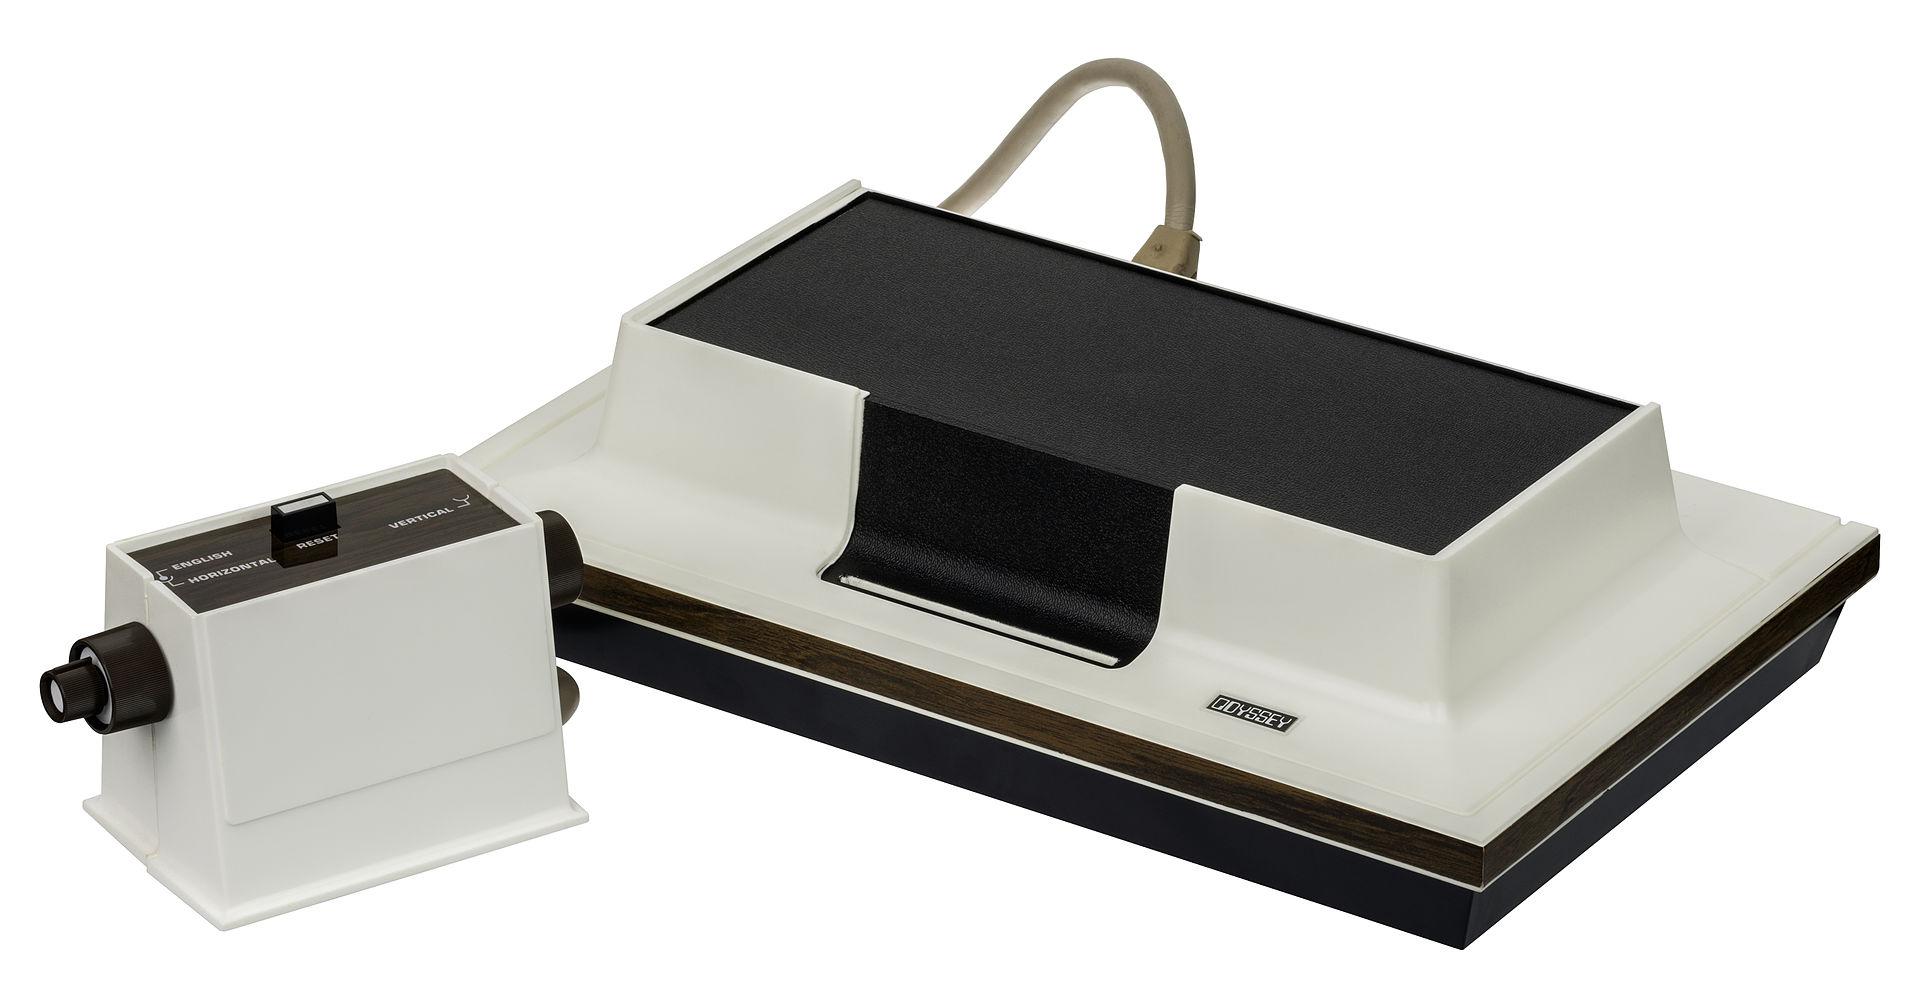 米罗华奥德赛是历史上第一台手柄游戏机 来源: Evan-Amos